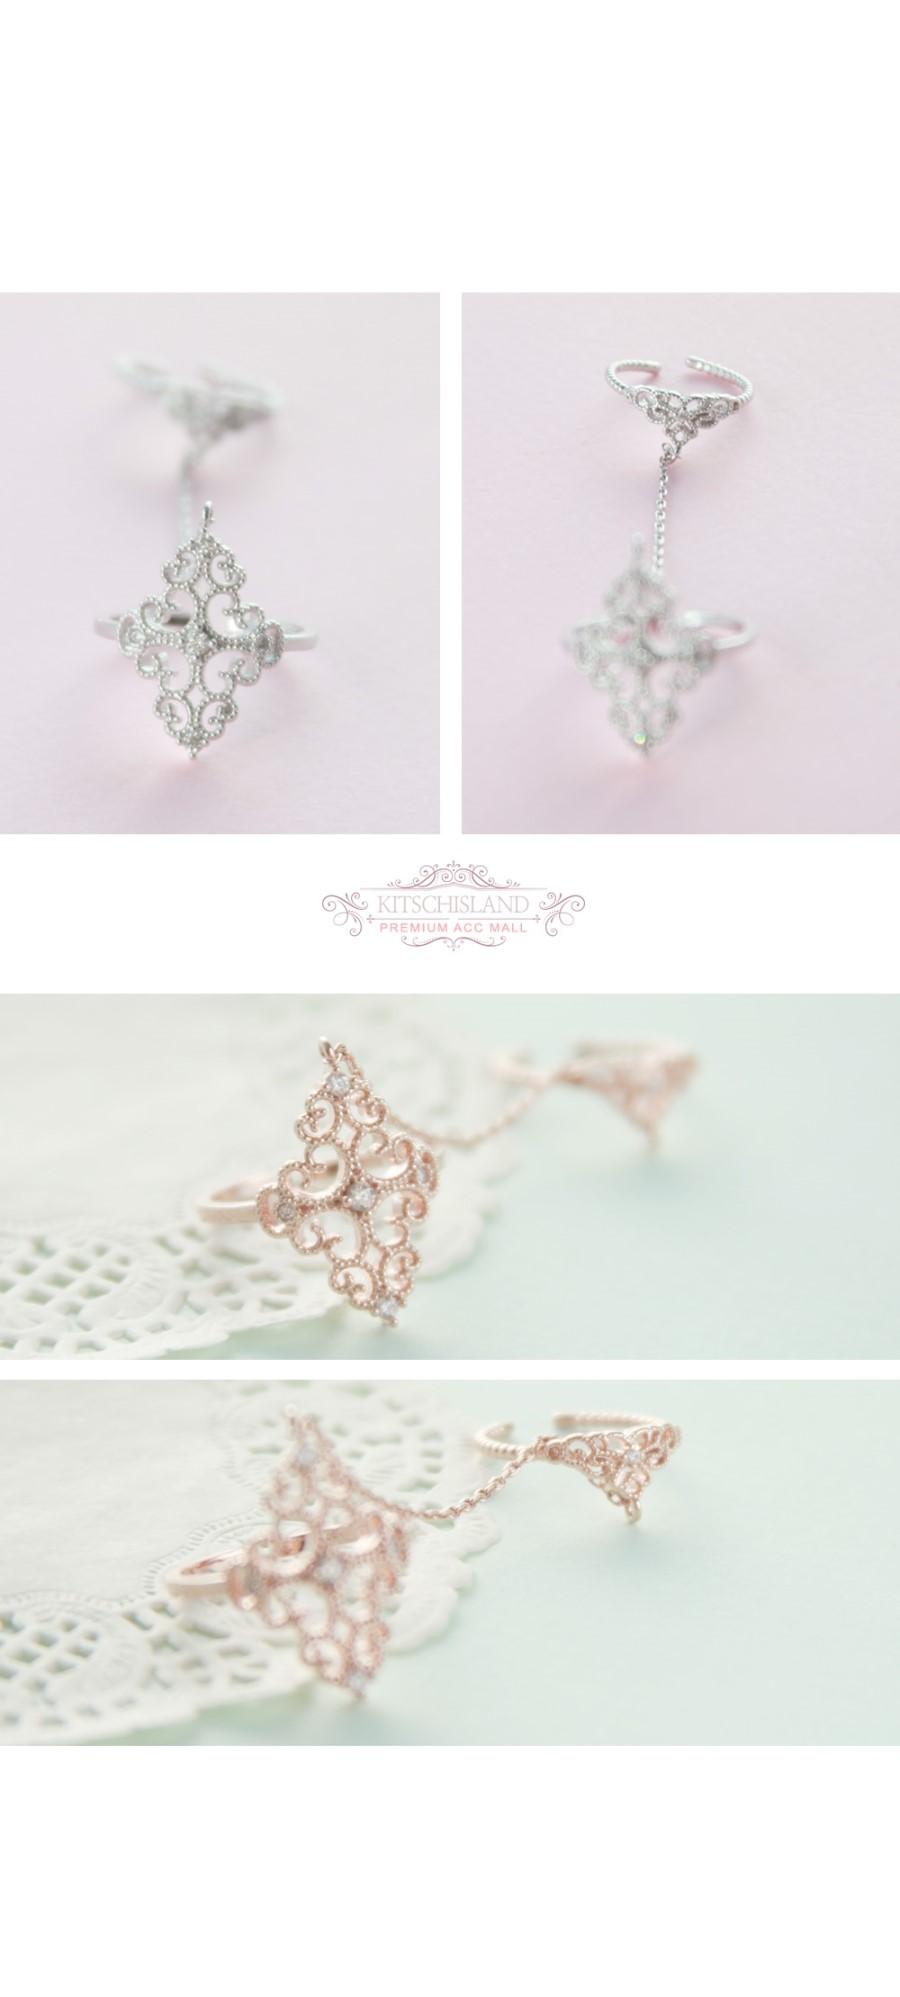 라니스터 결속 반지 - 키치아일랜드, 18,000원, 패션, 패션반지